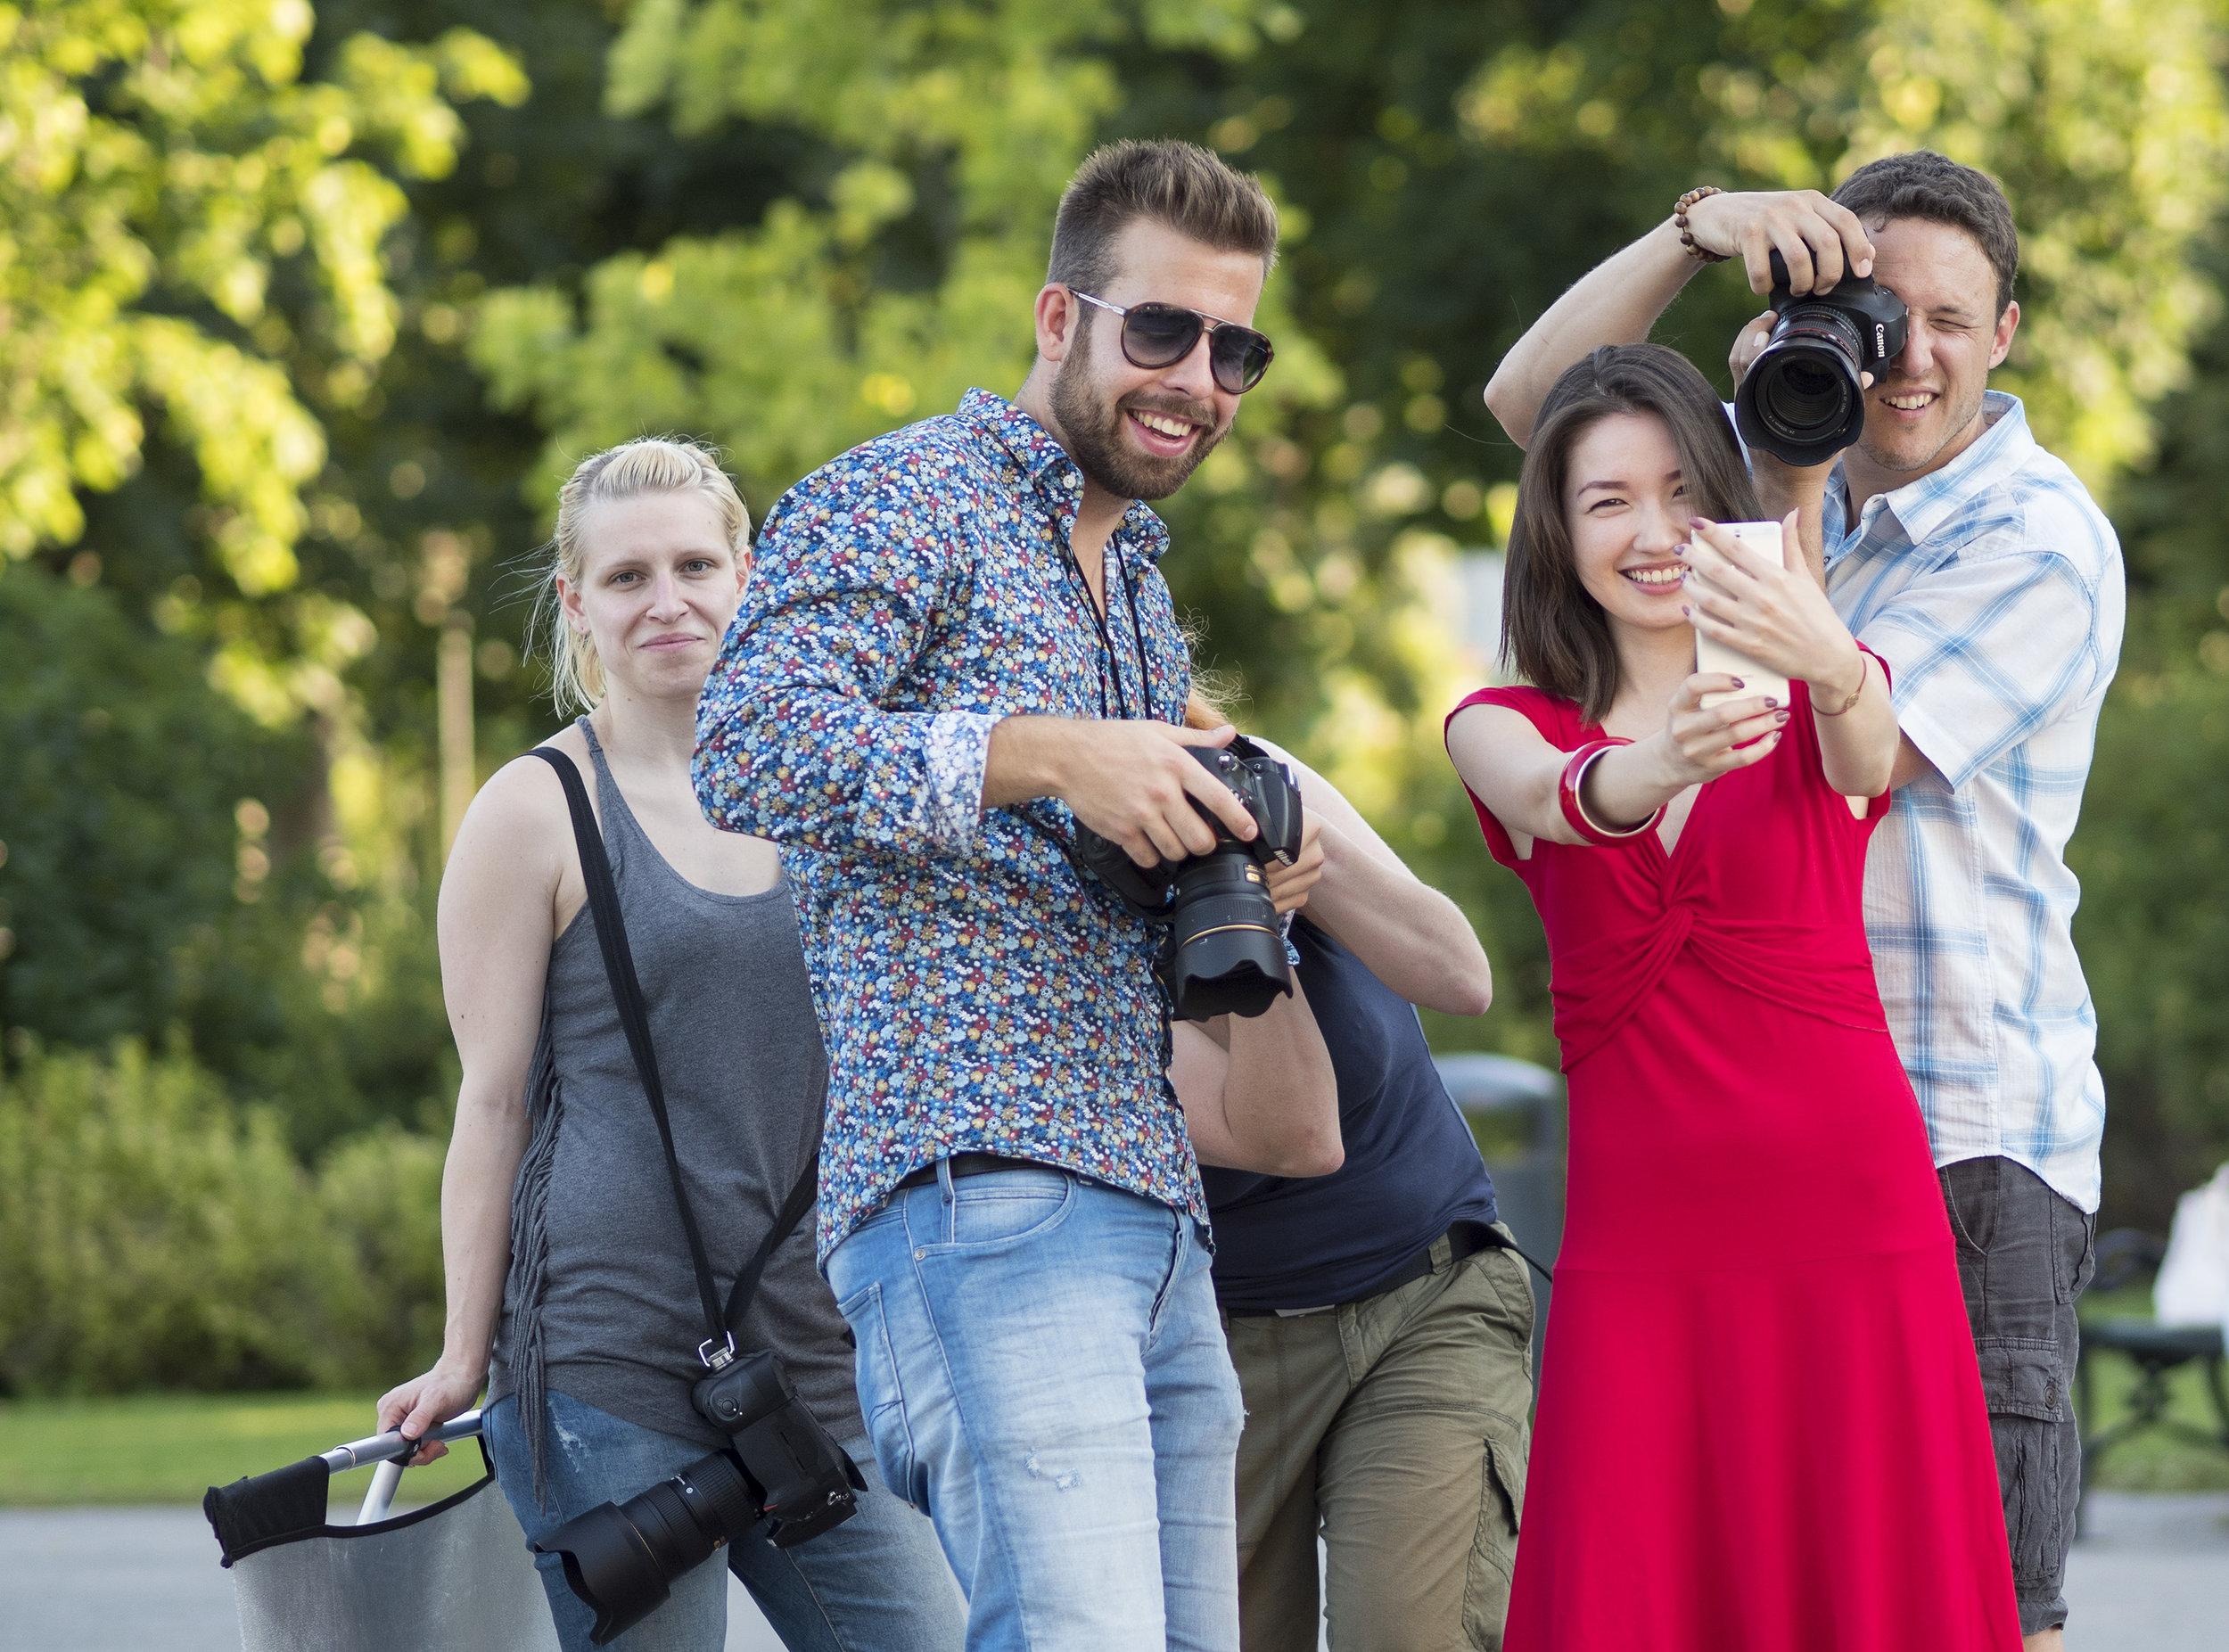 LIK Sommerakademie Fotografie - gemeinsam Freude an der Fotografie erleben